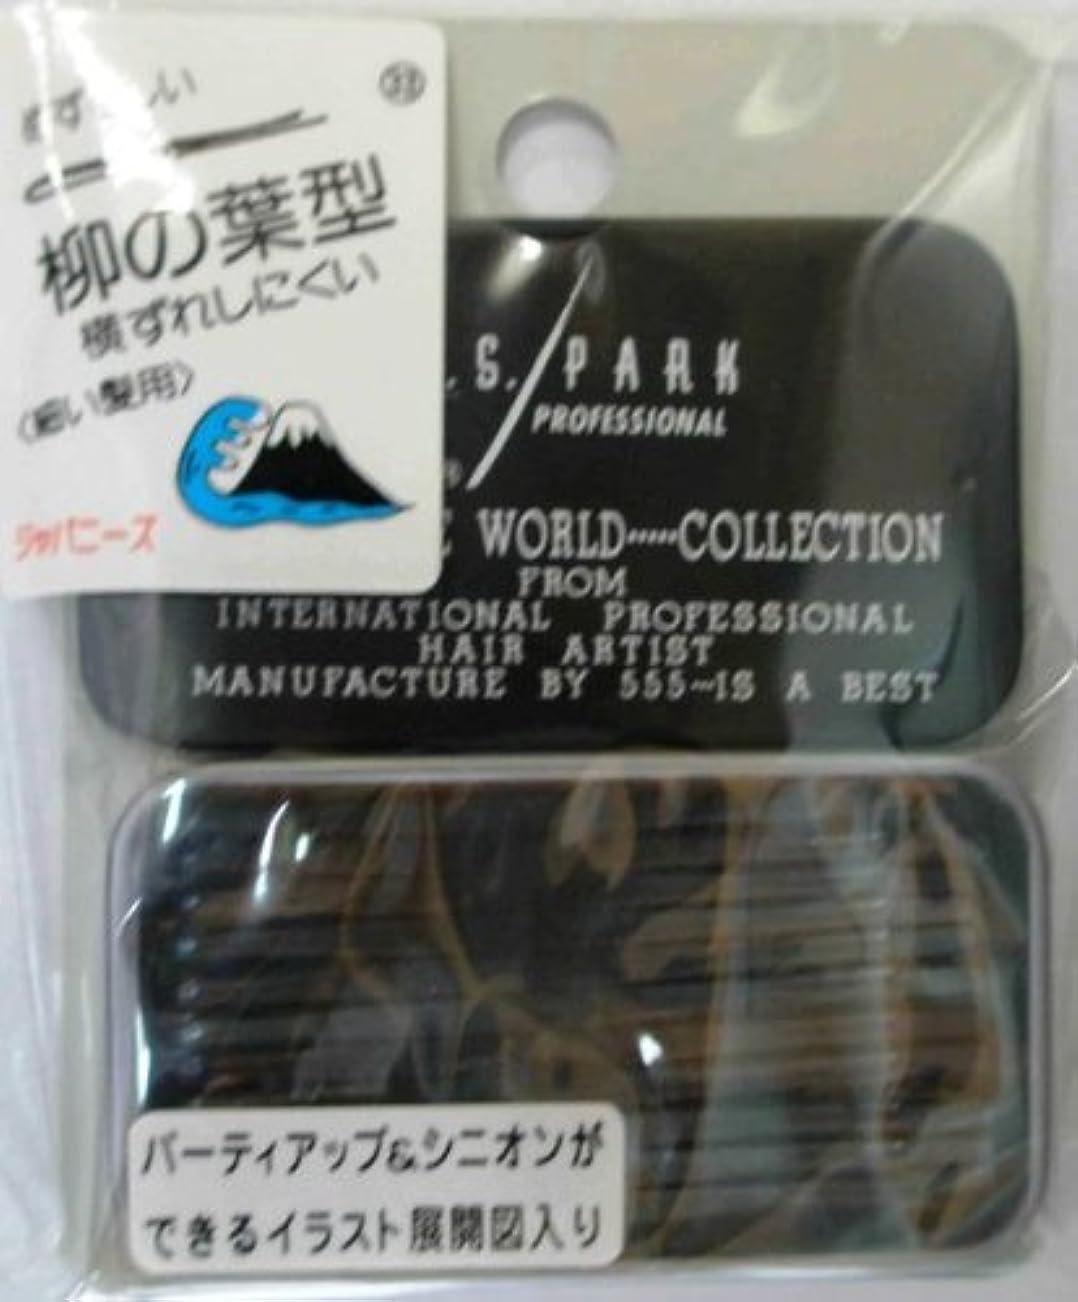 クラス州精神Y.S.PARK世界のヘアピンコレクションNo.33(細い髪用)ジャパニーズ32P